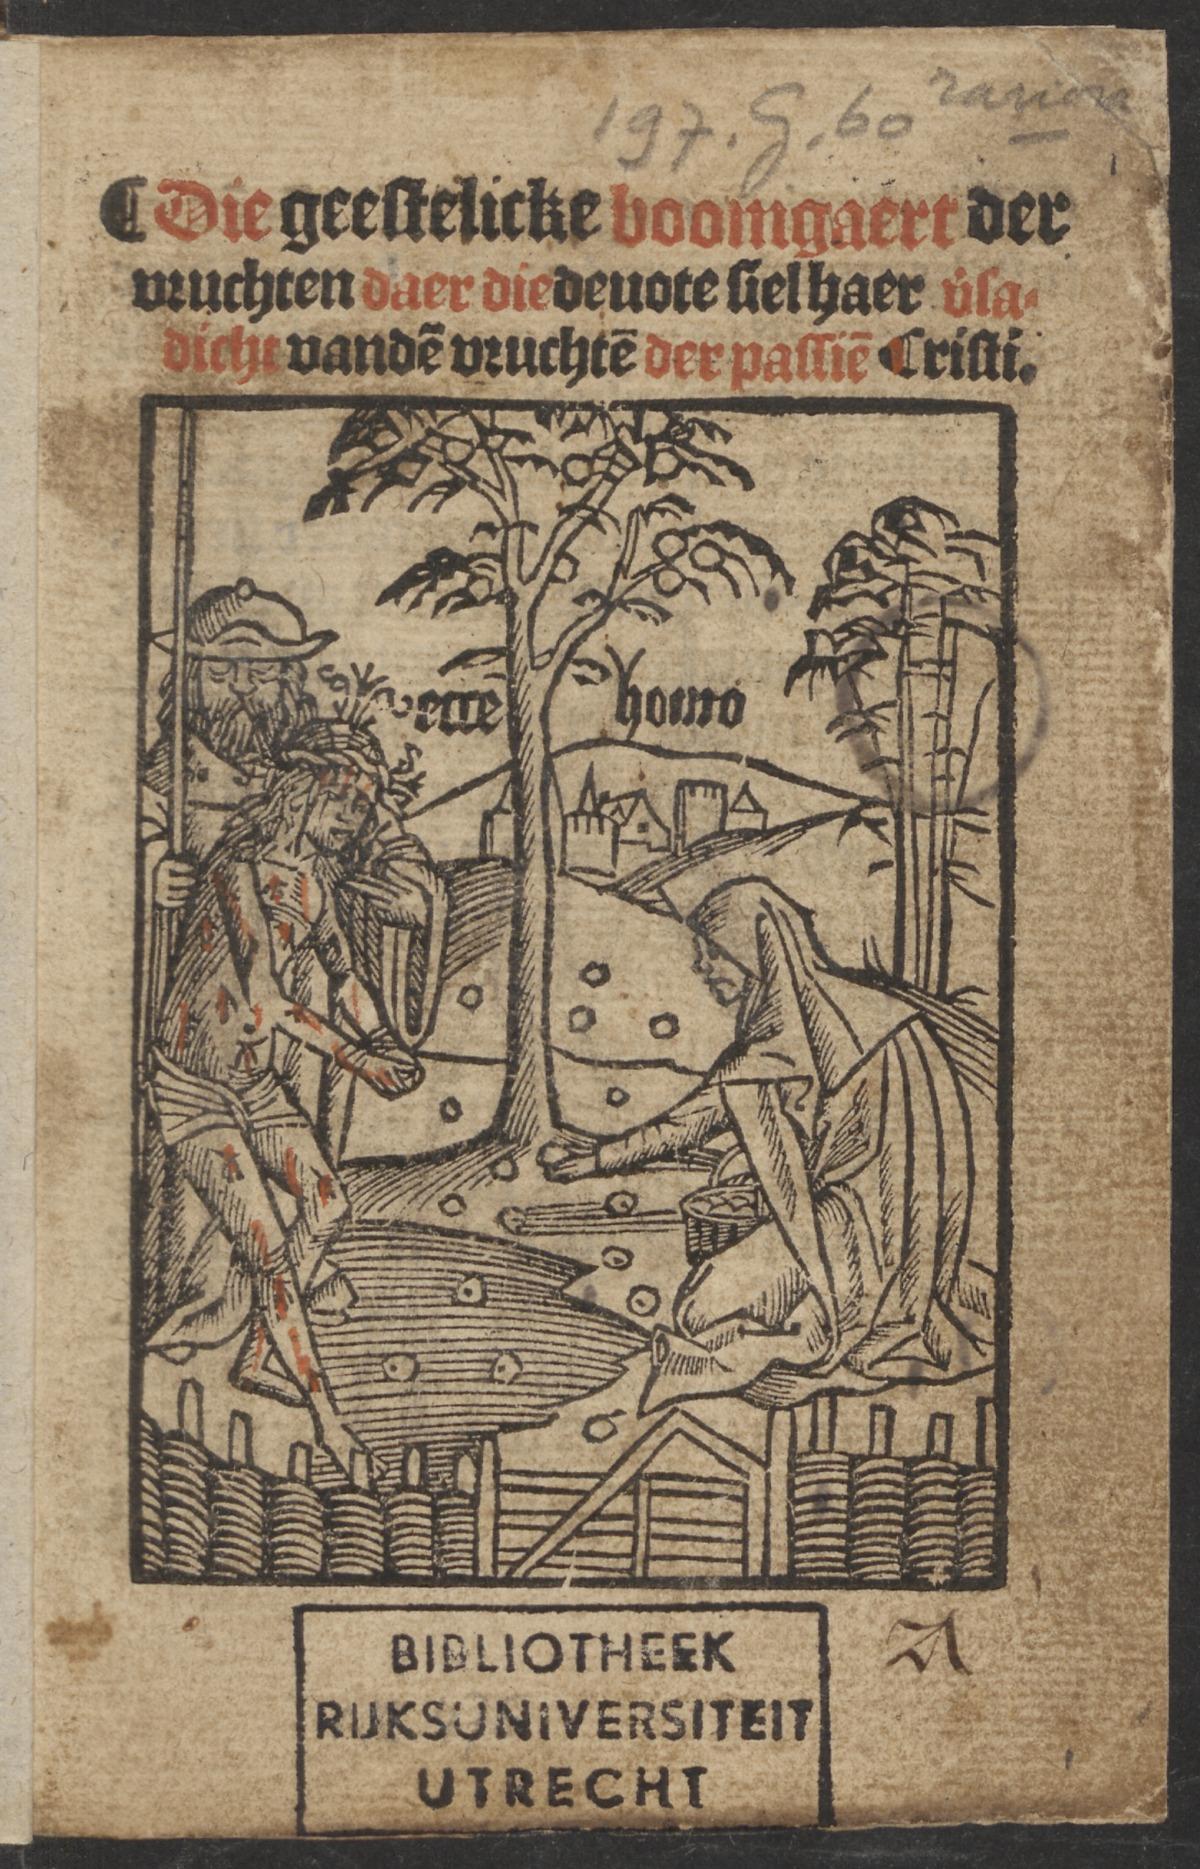 le Christ et l'ame dans le jardin de Gethsemani 1521. Utrecht University page1